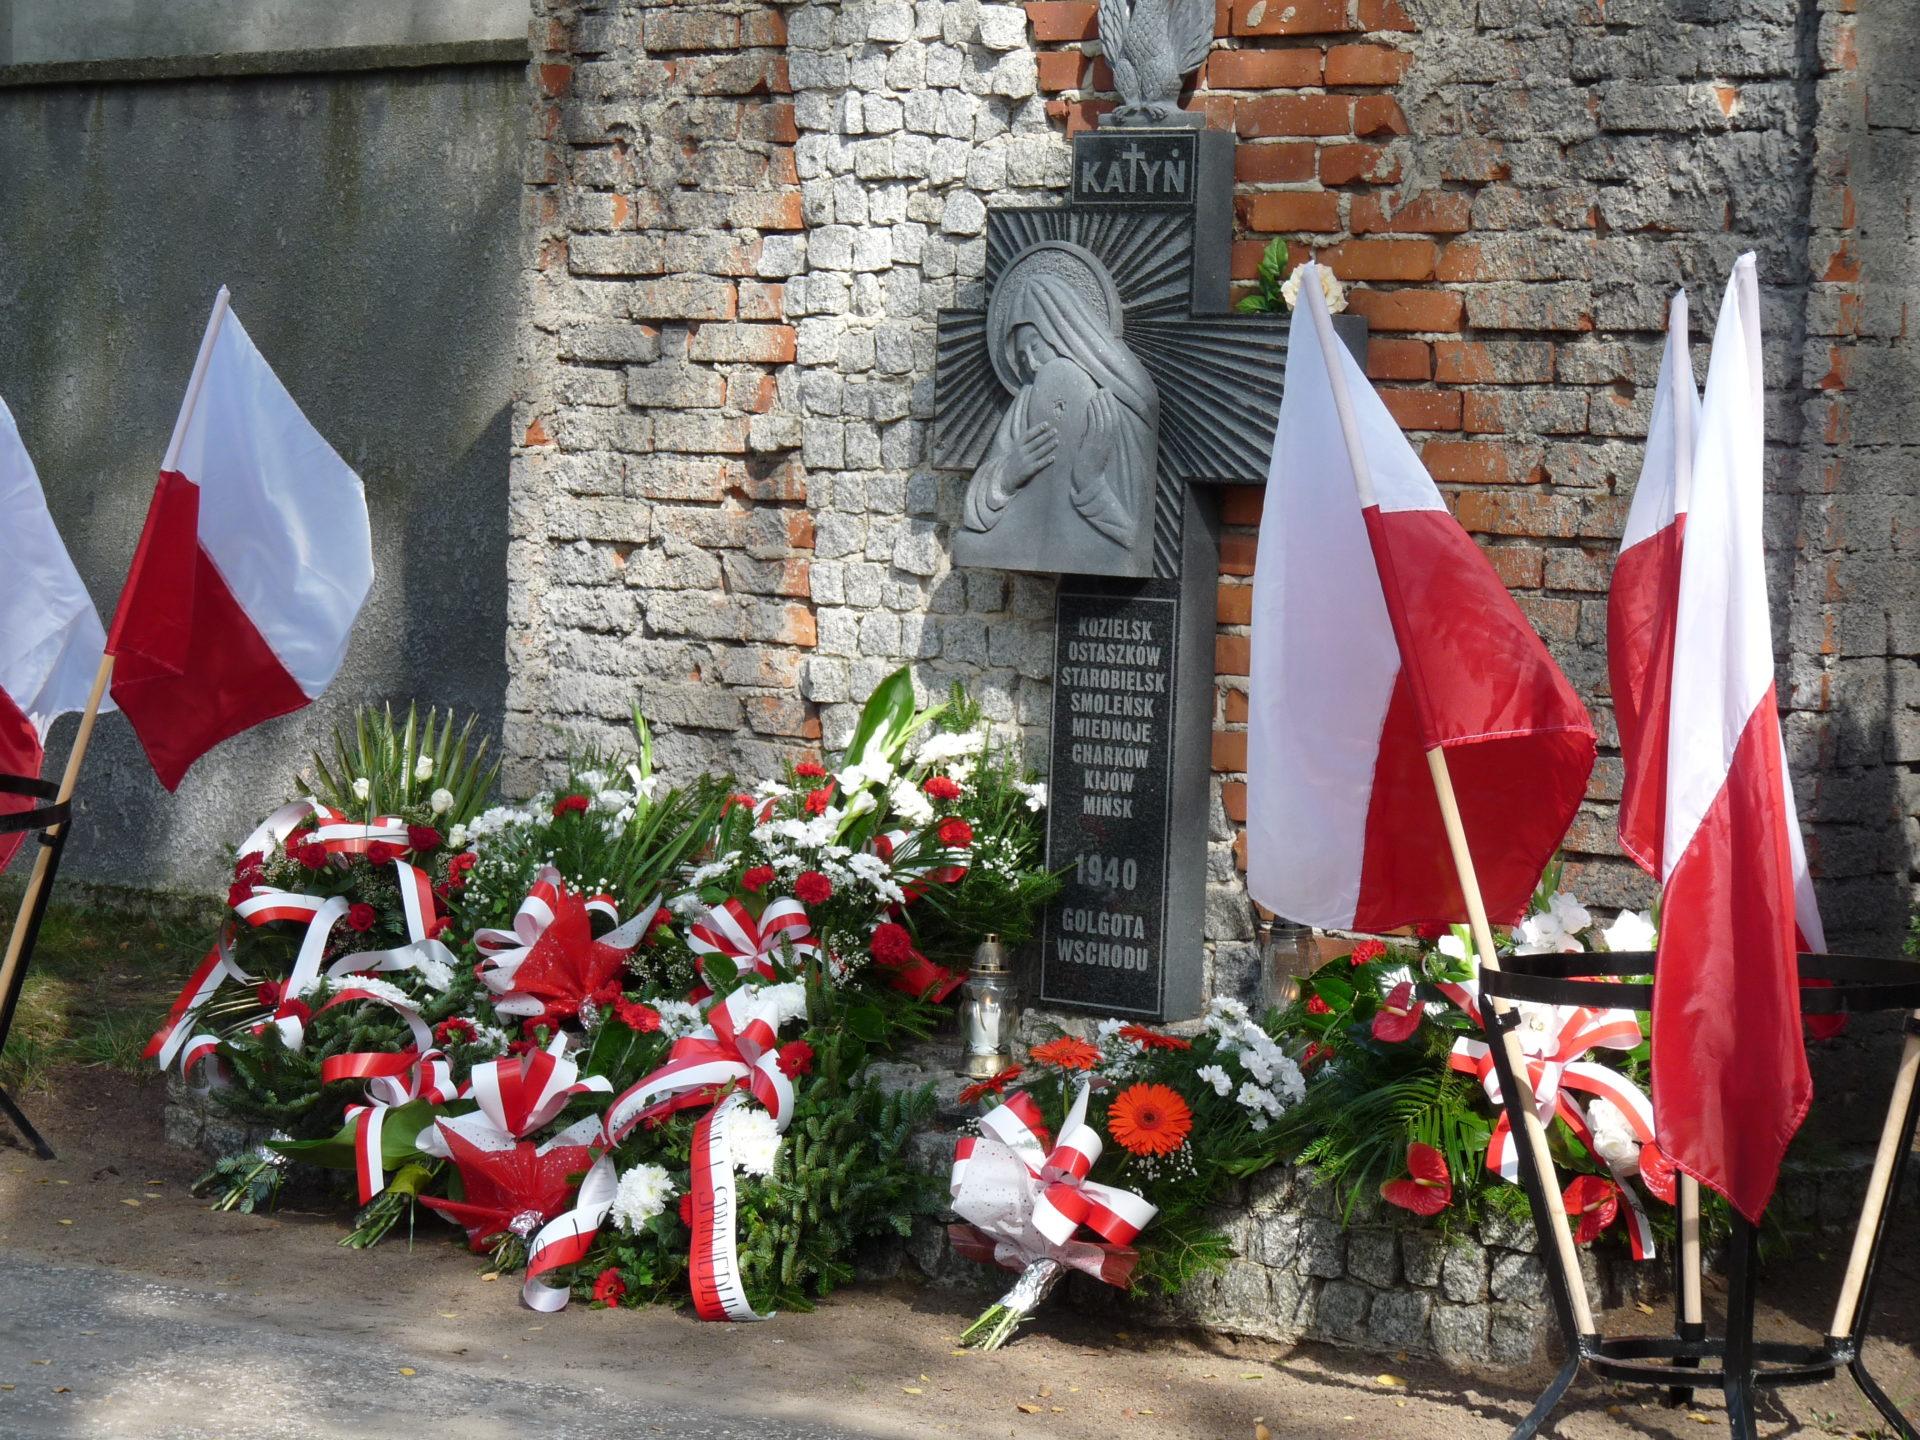 Obchody 73. rocznicy napaści Związku Sowieckiego na Polskę